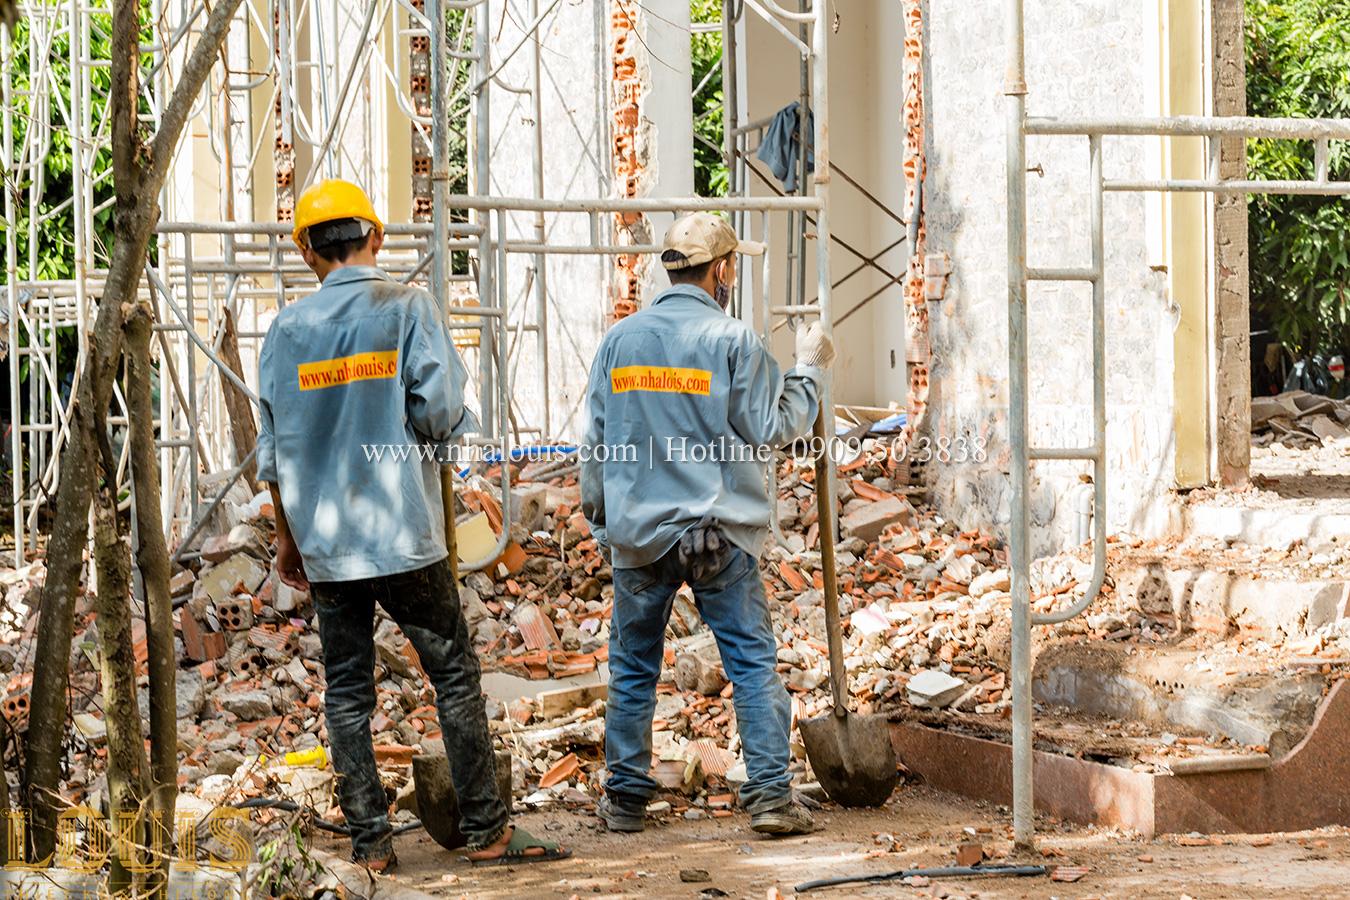 Kinh nghiệm xây nhà tiết kiệm nhưng chất lượng cho các chủ đầu tư